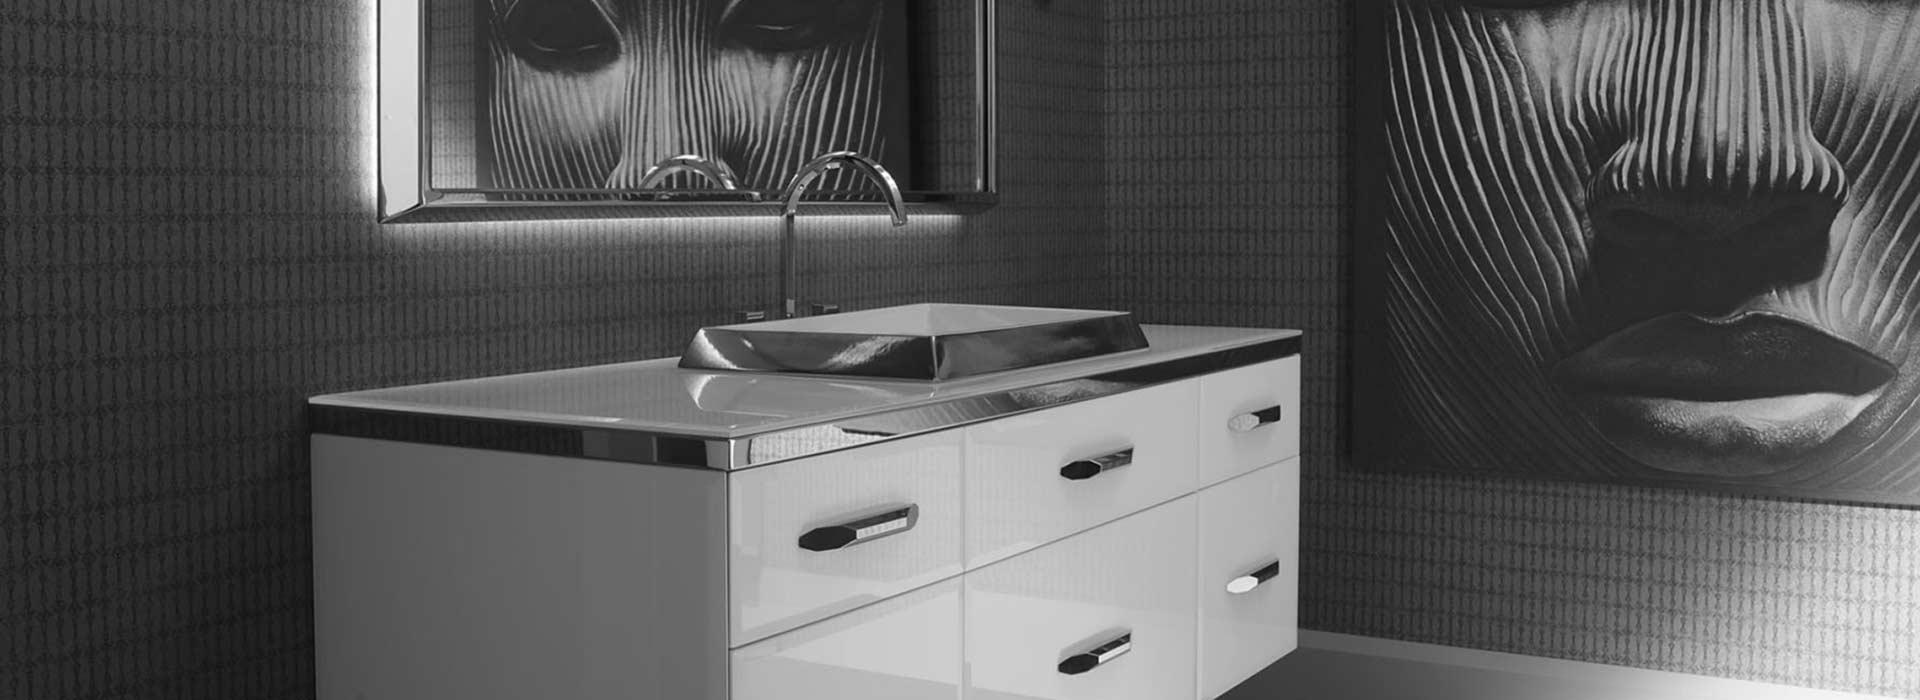 Bagni arredo bagno mobili bagno ambiente bagno - Milldue arredo bagno ...